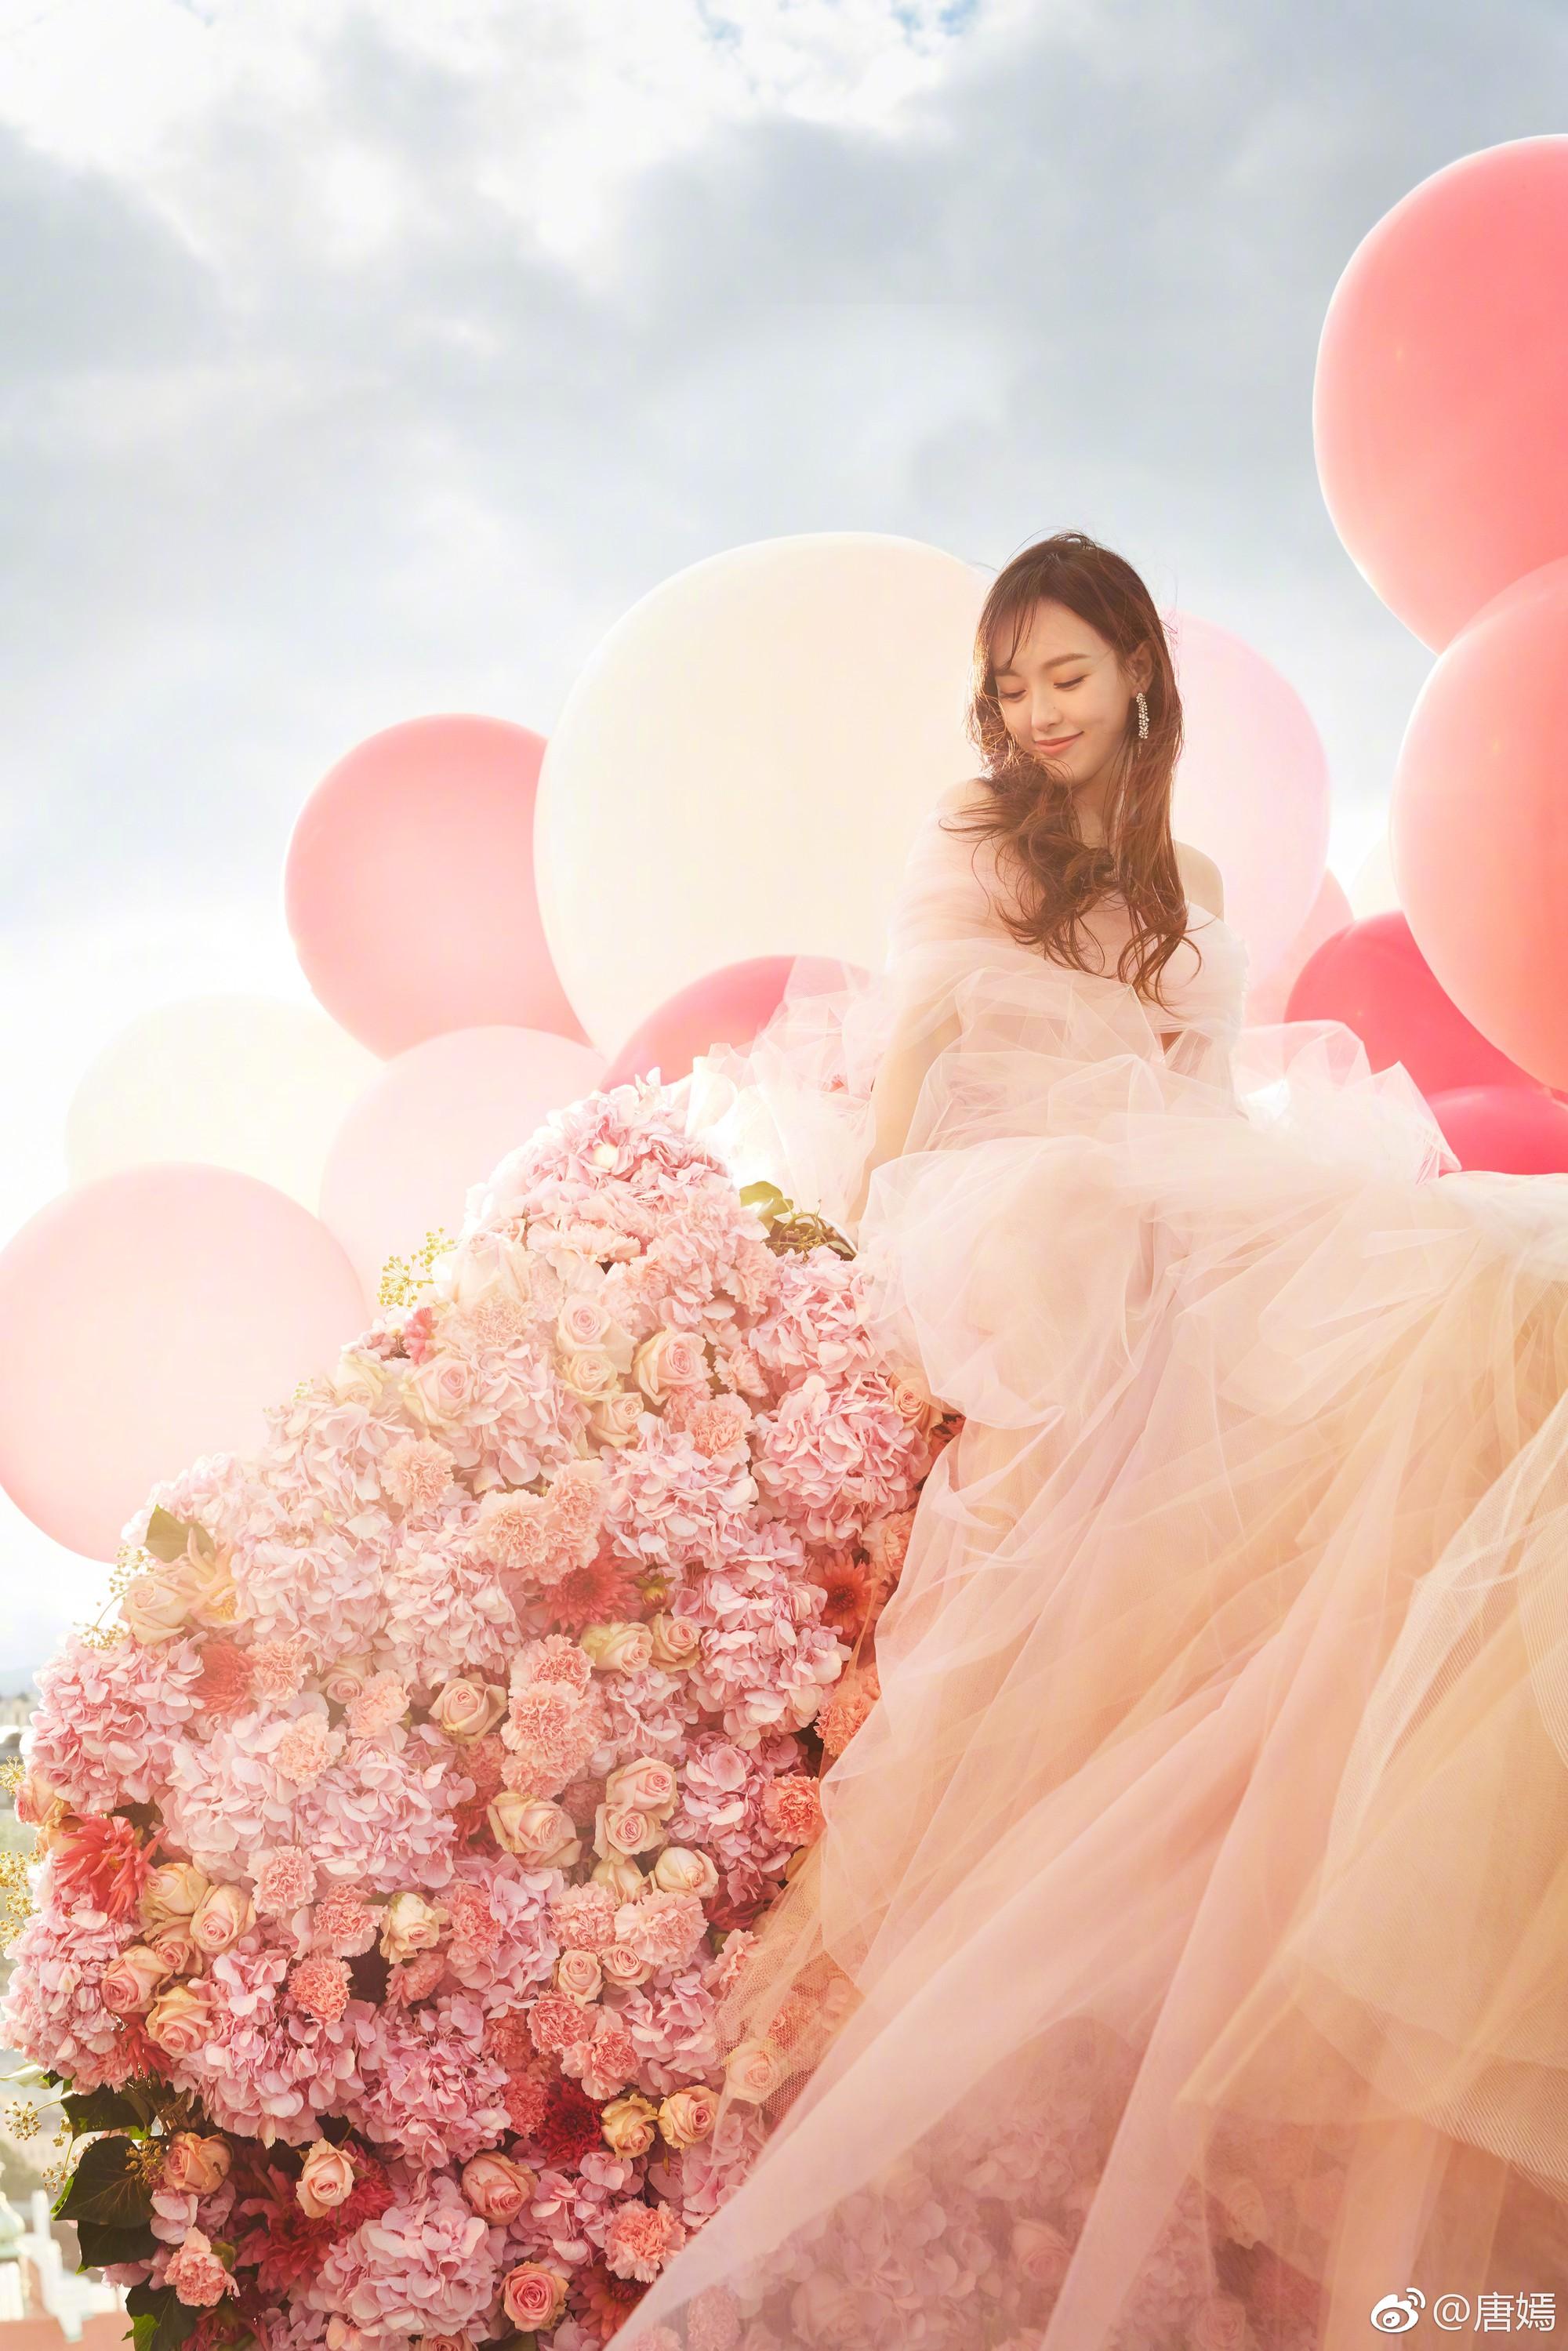 HOT: Sát giờ G, Đường Yên tung ảnh cưới đẹp như mơ, tuyên bố chính thức trở thành cô dâu của La Tấn - Ảnh 4.